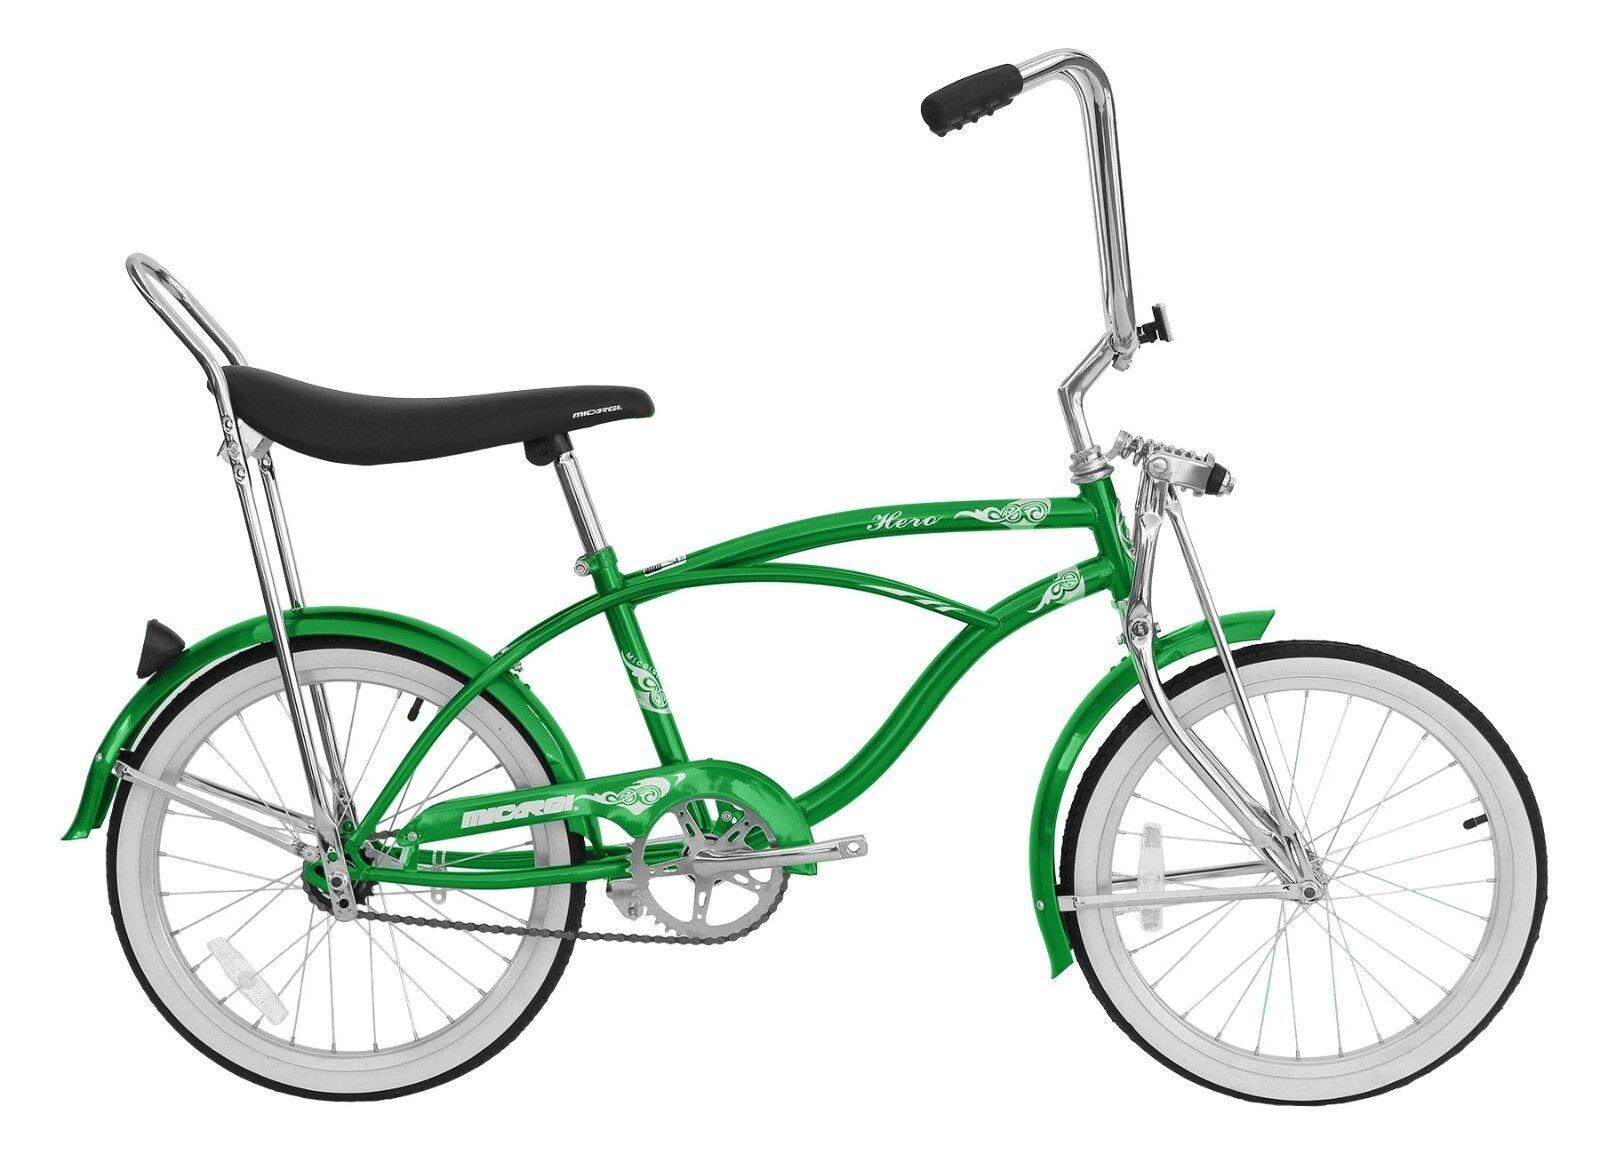 Micargi MBI 20  for  boy Lowrider Beach Cruiser Bicycle Bike Low Rider Green